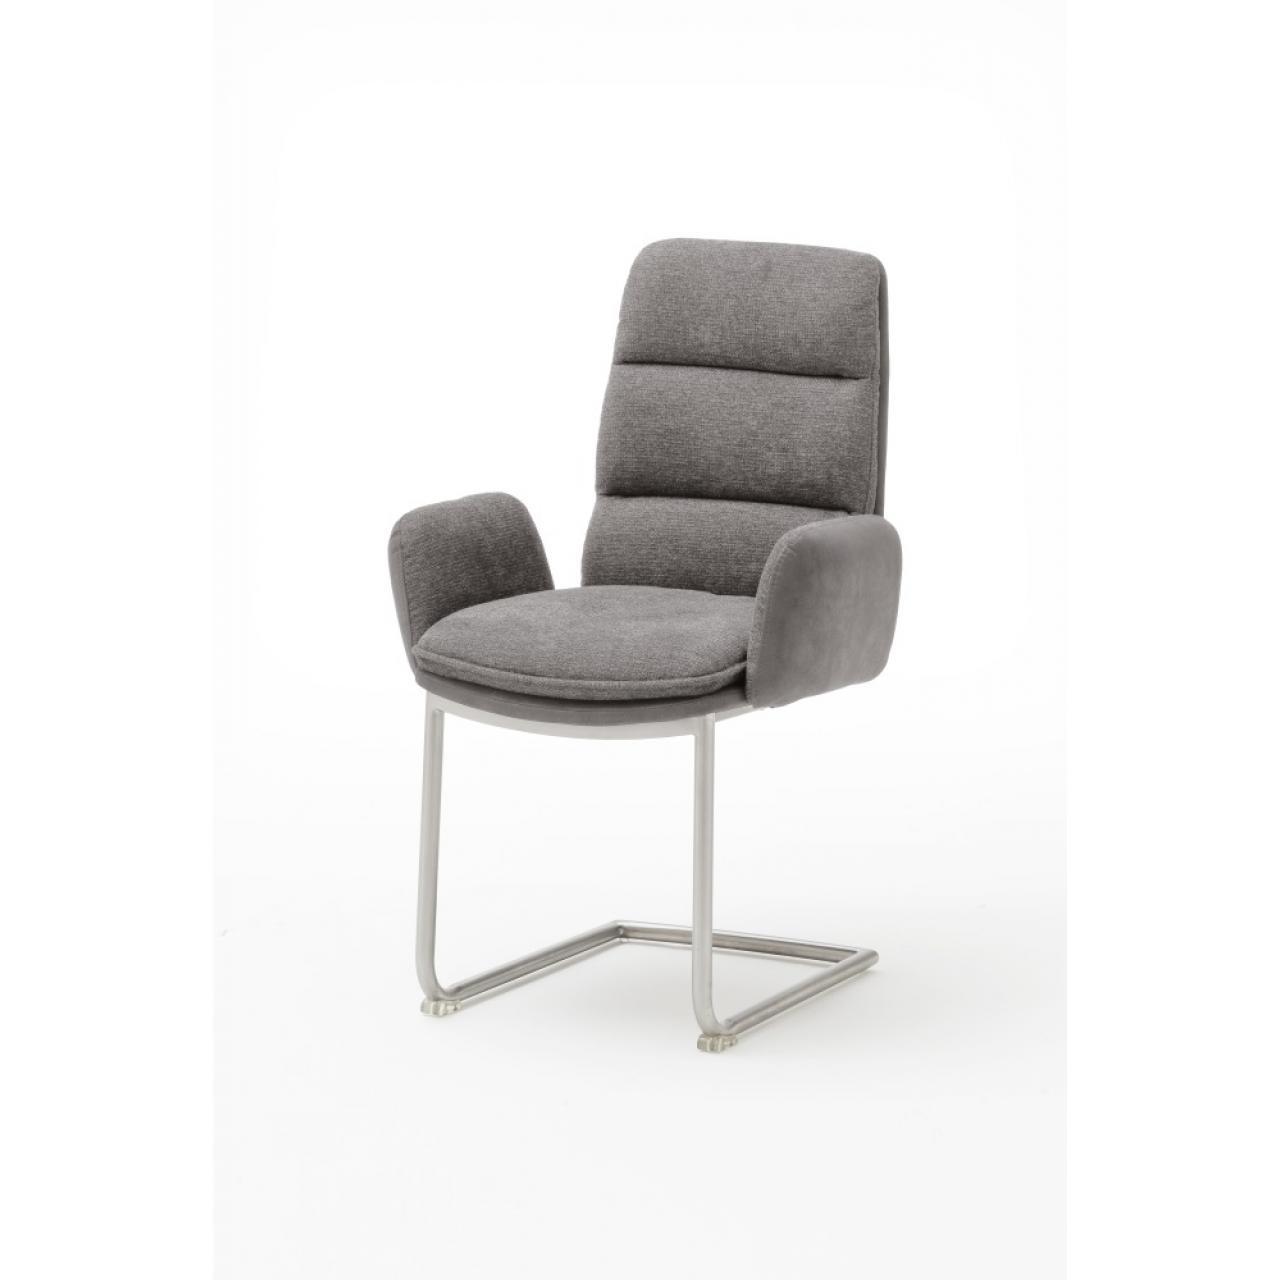 Möbel online kaufen | Möbel Jähnichen Center GmbH